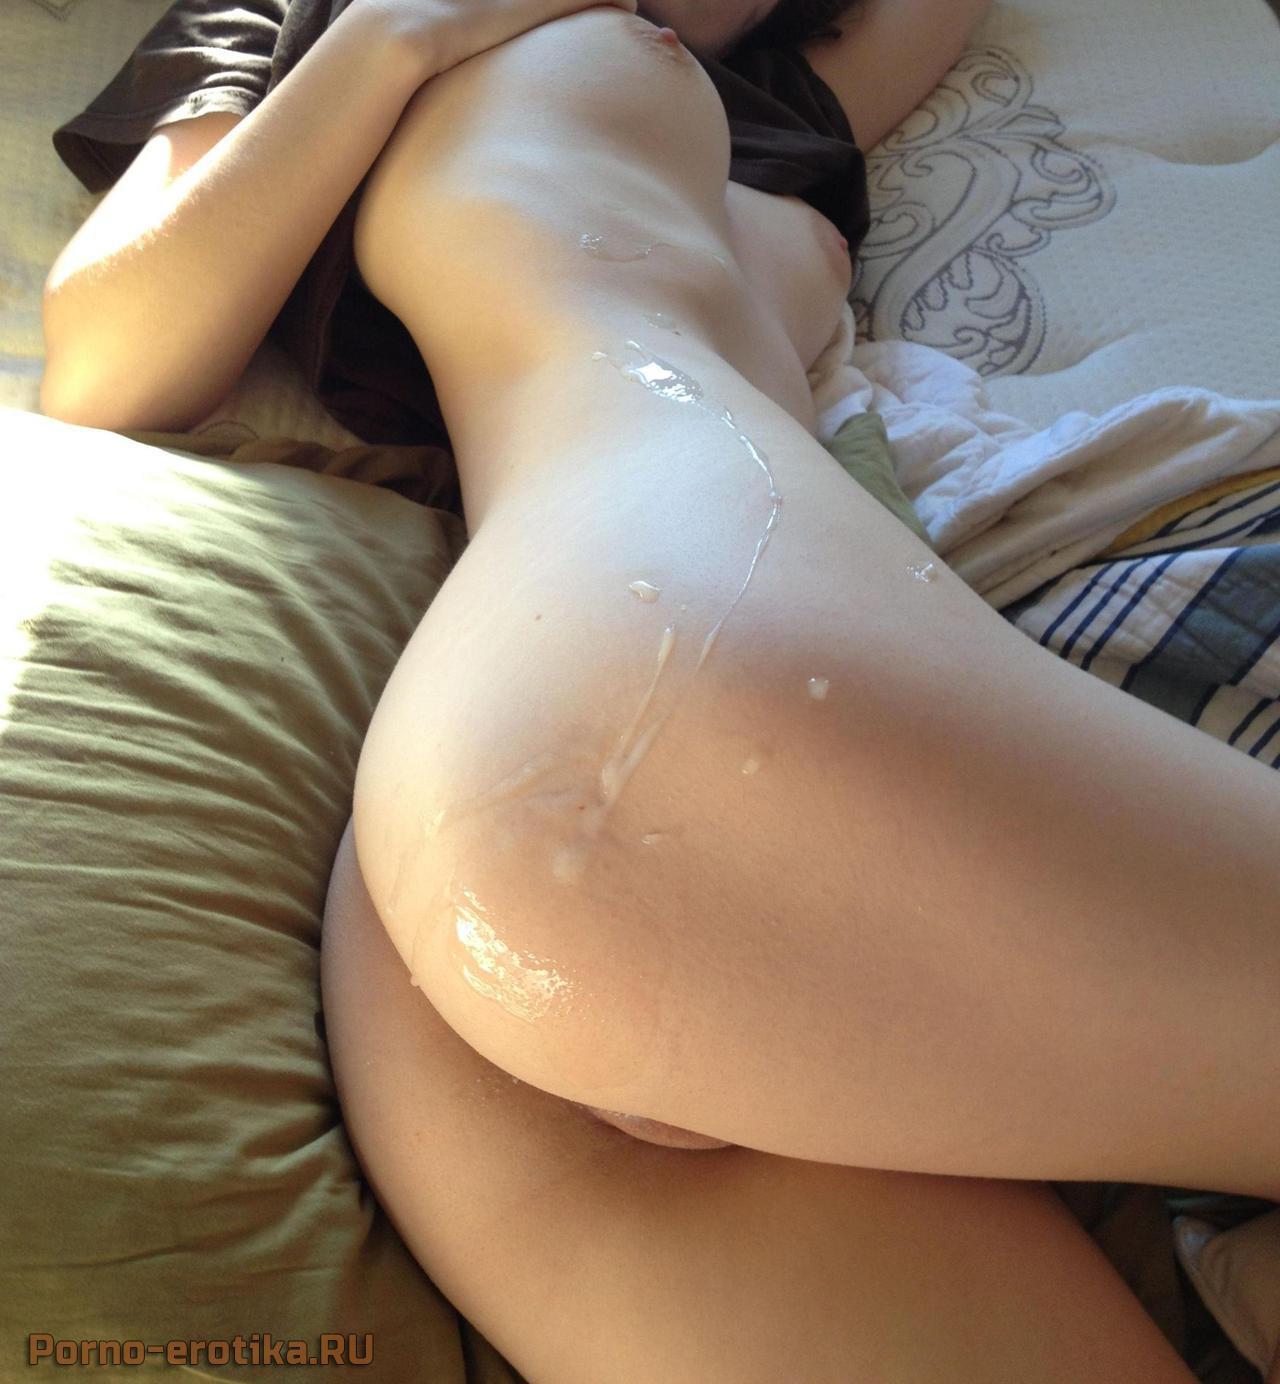 очень красивые попки в сперме фото